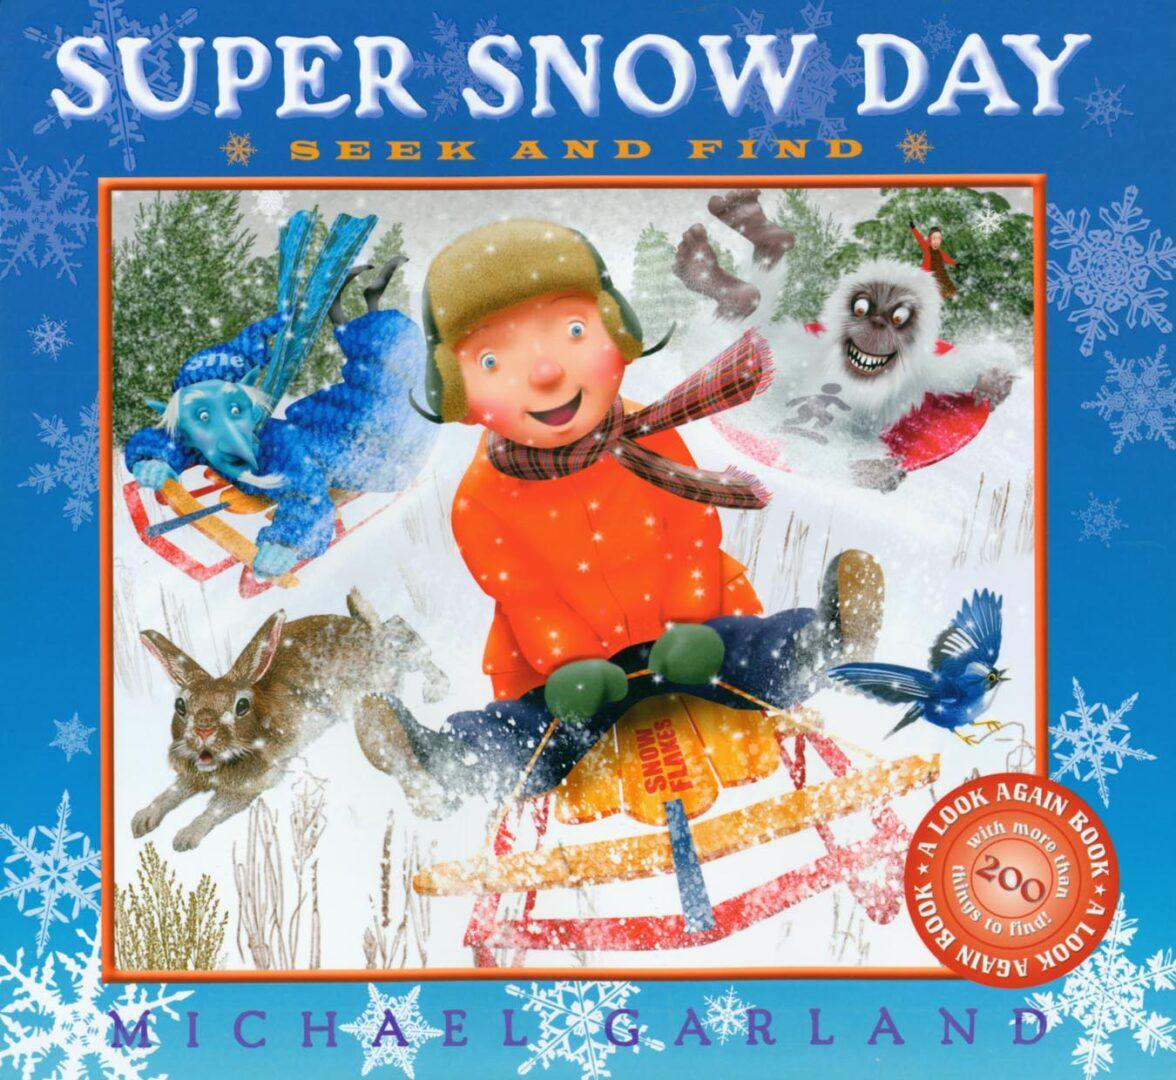 Super Snow Day (1)